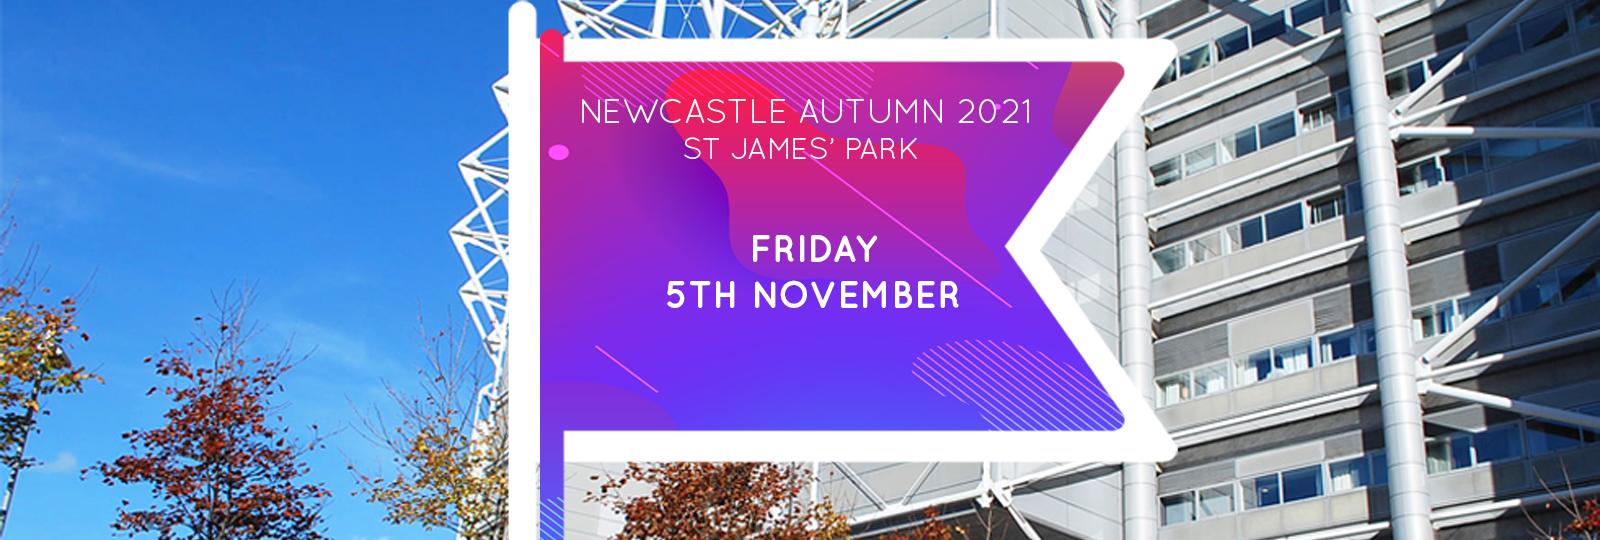 Newcastle Autumn 2021 Fair